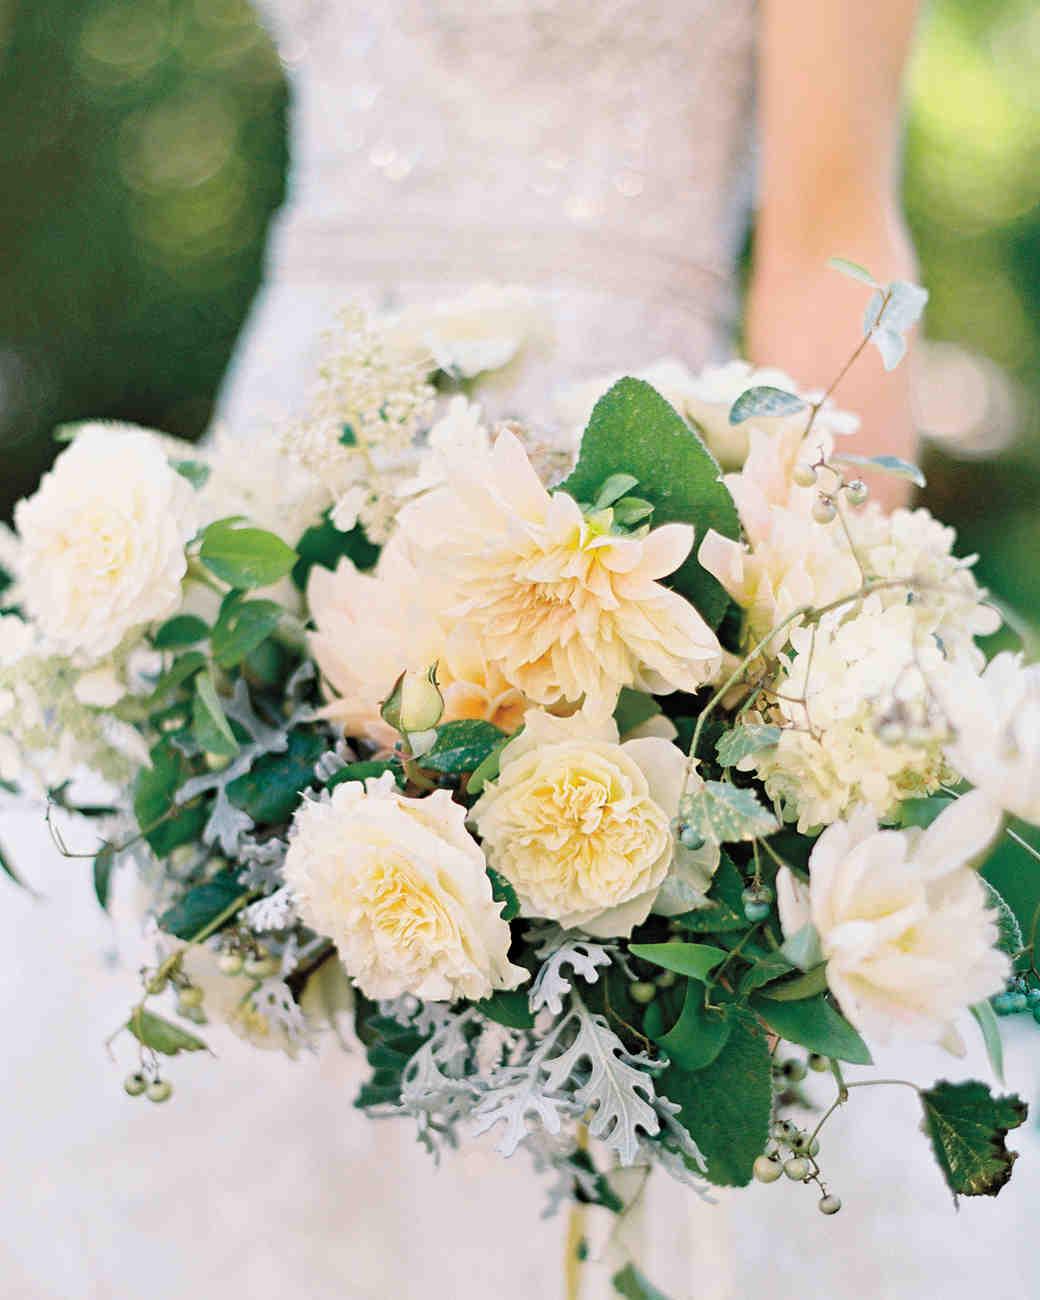 bride-bouquet-004817-r-1-013-mwds110148.jpg